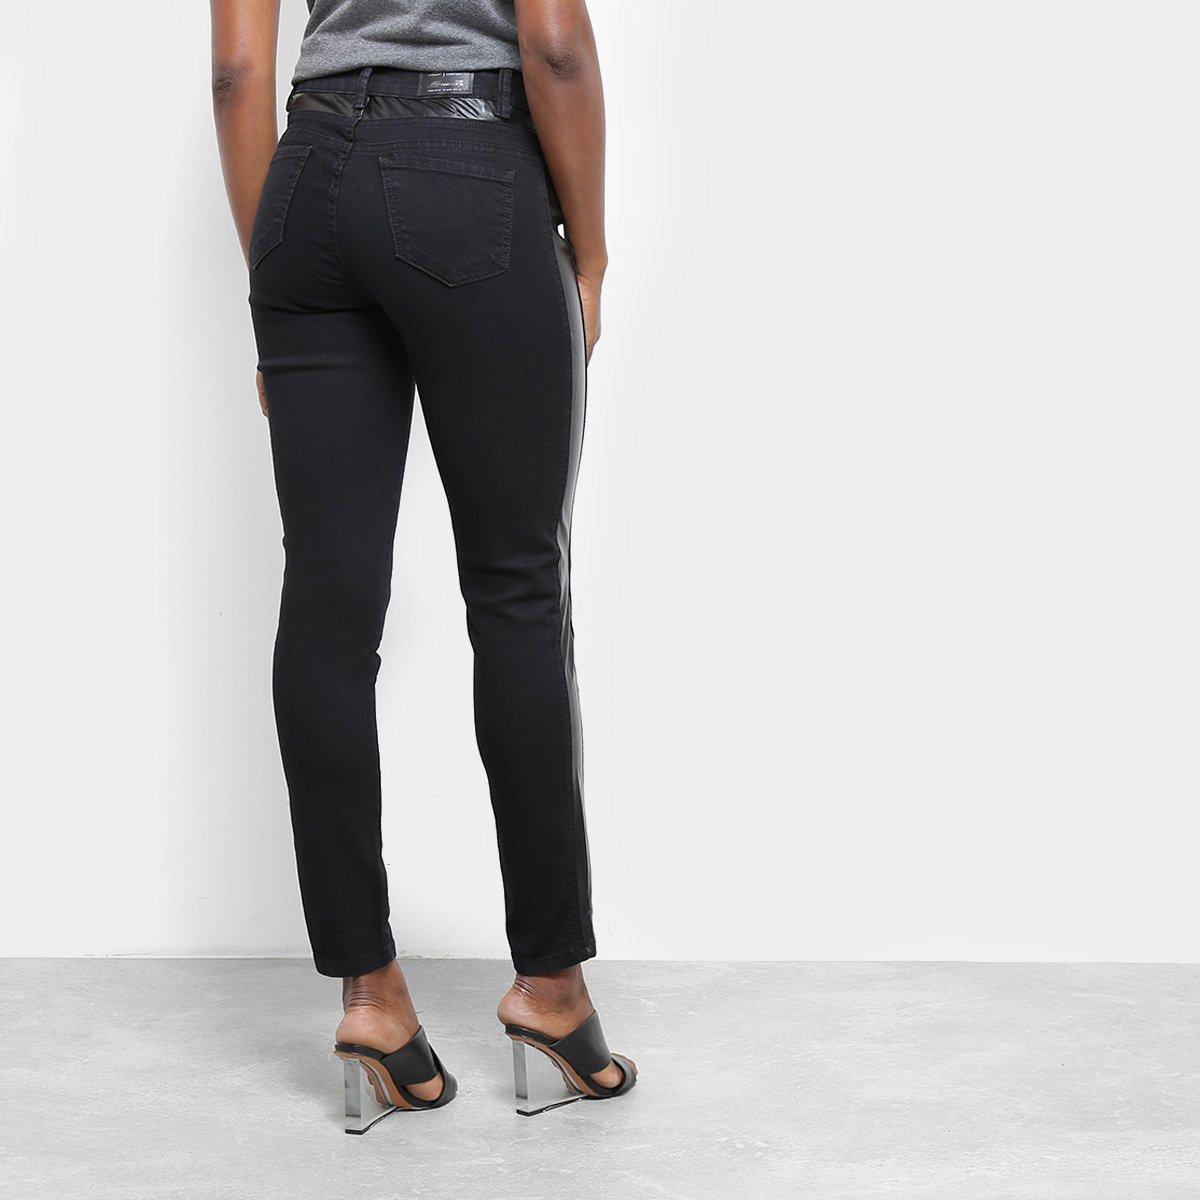 4795a7932 Foto 2 - Calça Jeans Cigarrete Sawary Detalhe Couro Sintético Cintura Média  Feminina